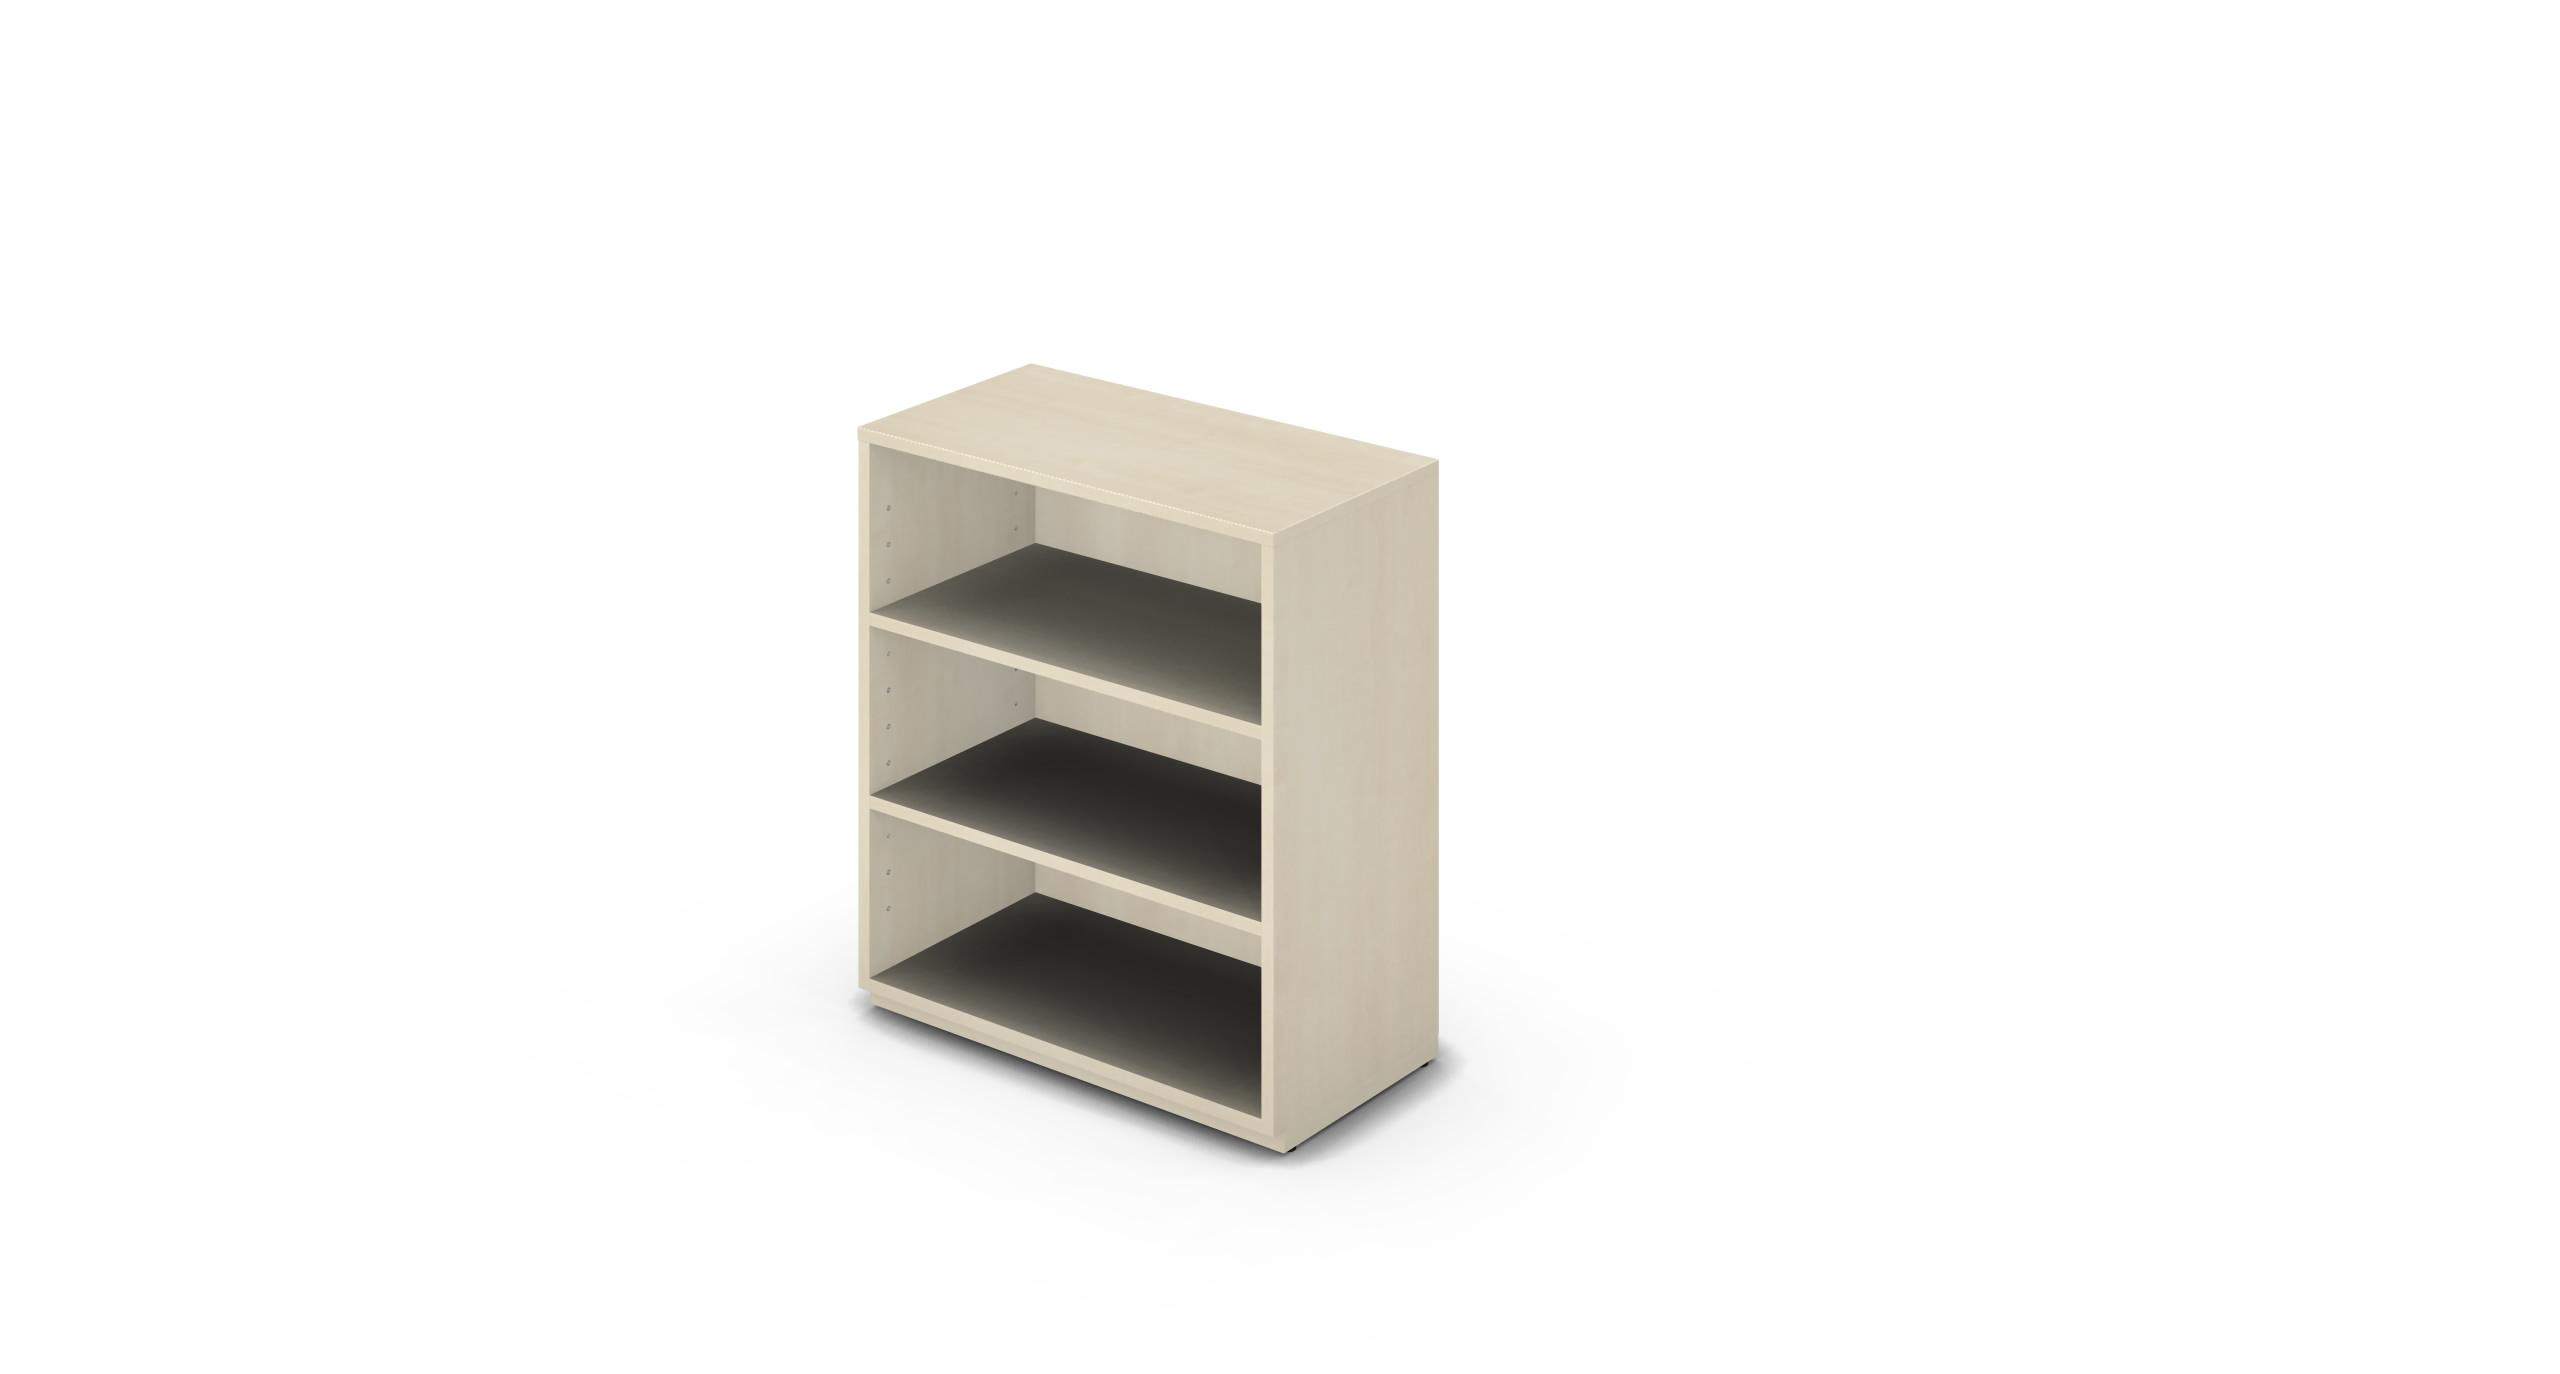 Shelf_900x450x1125_Maple